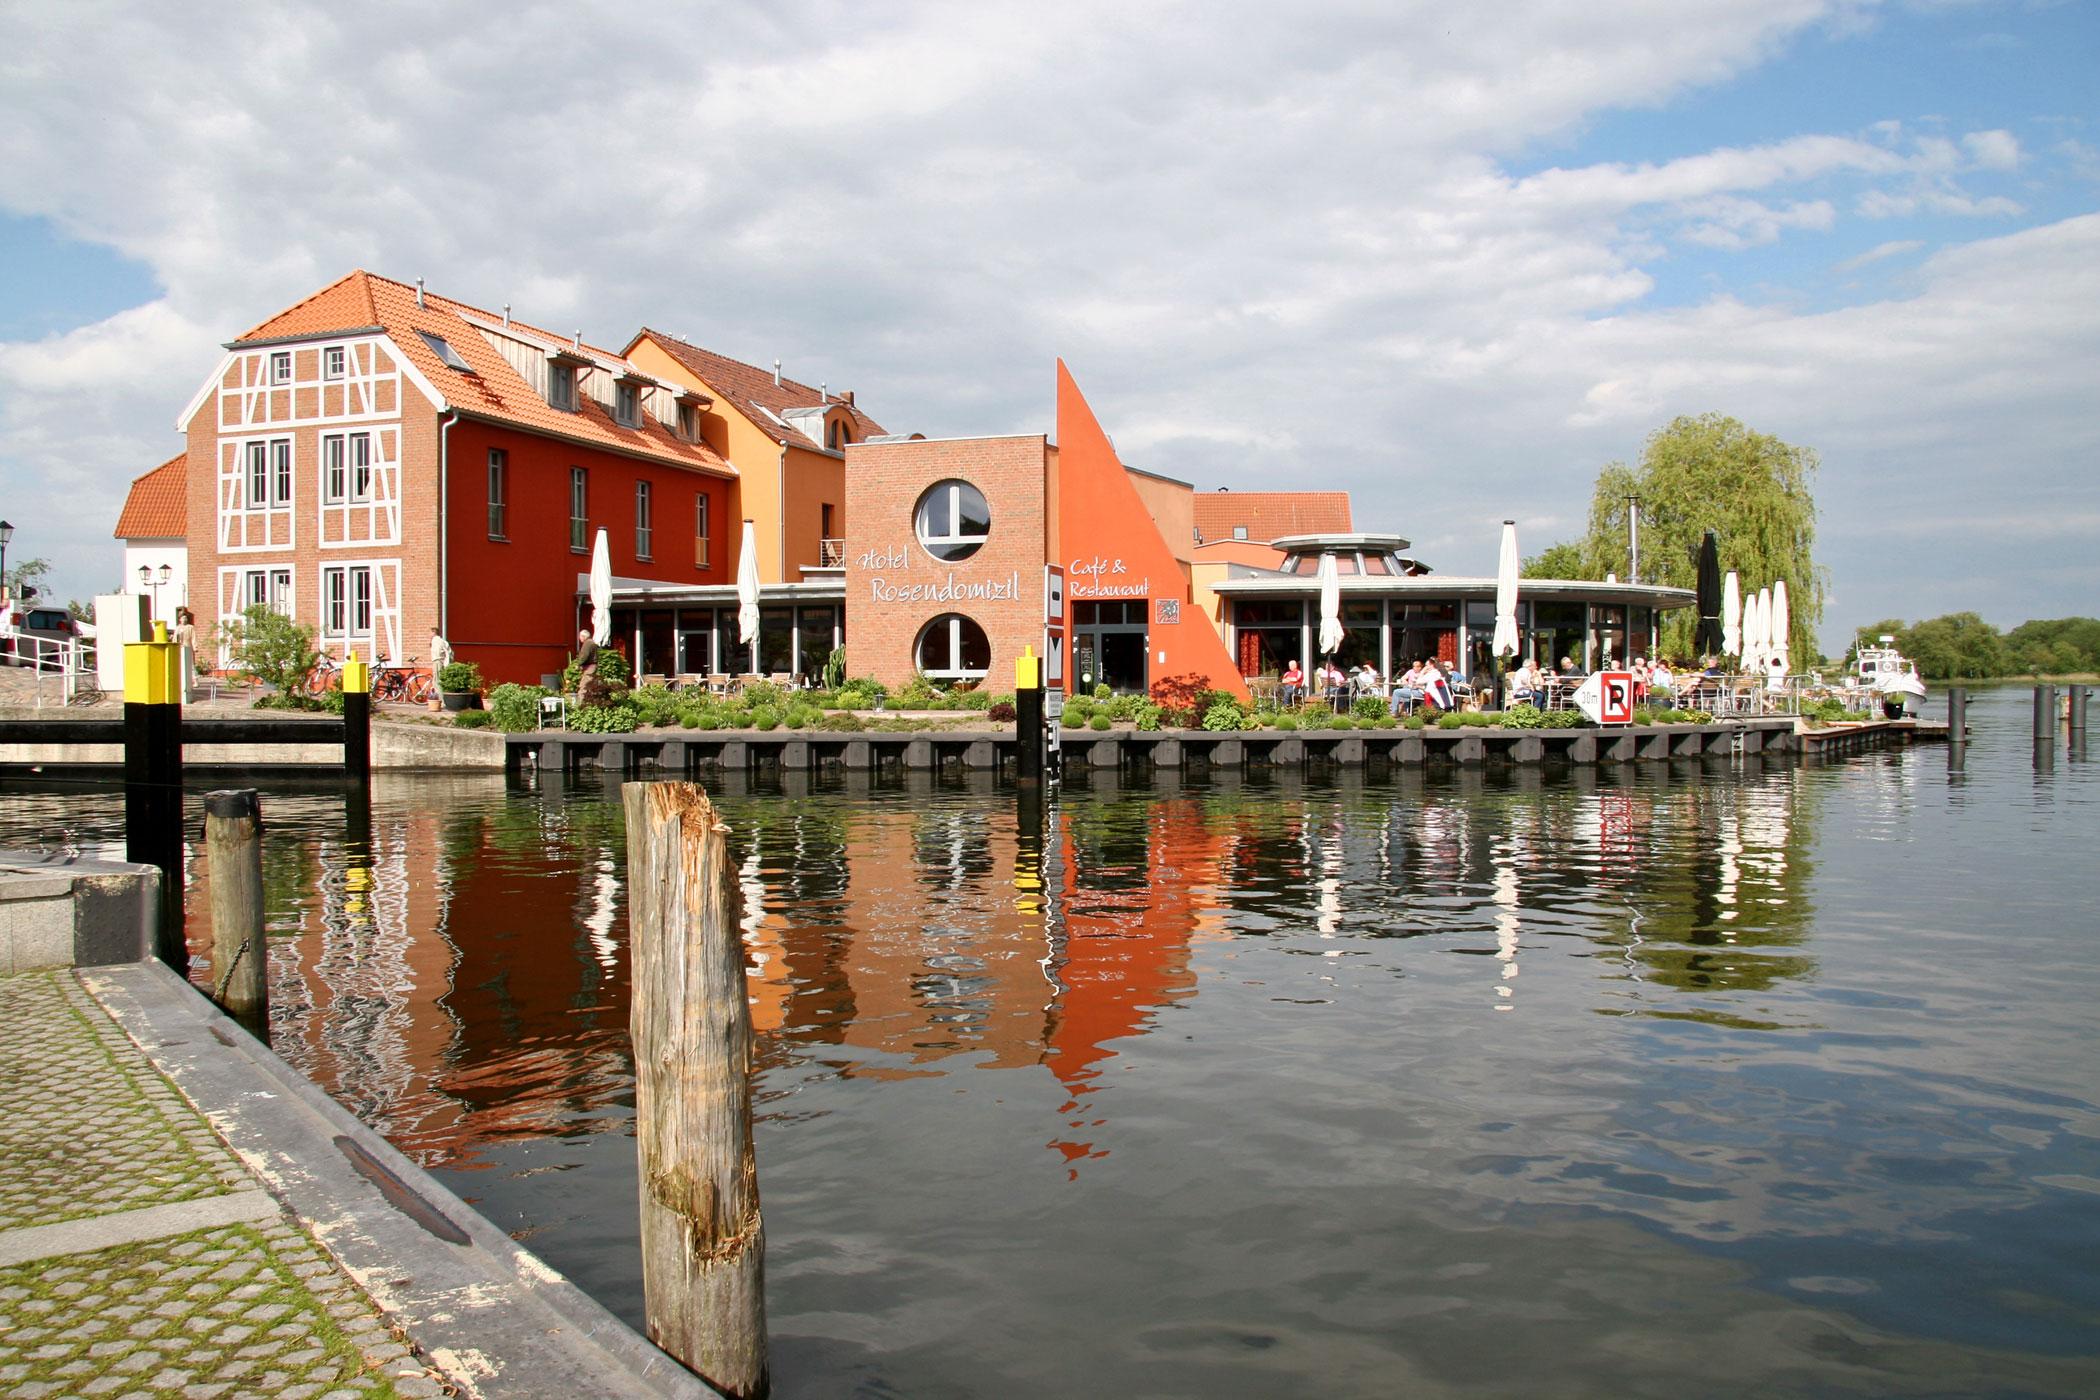 5-Seenfahrt zur Stadt Malchow